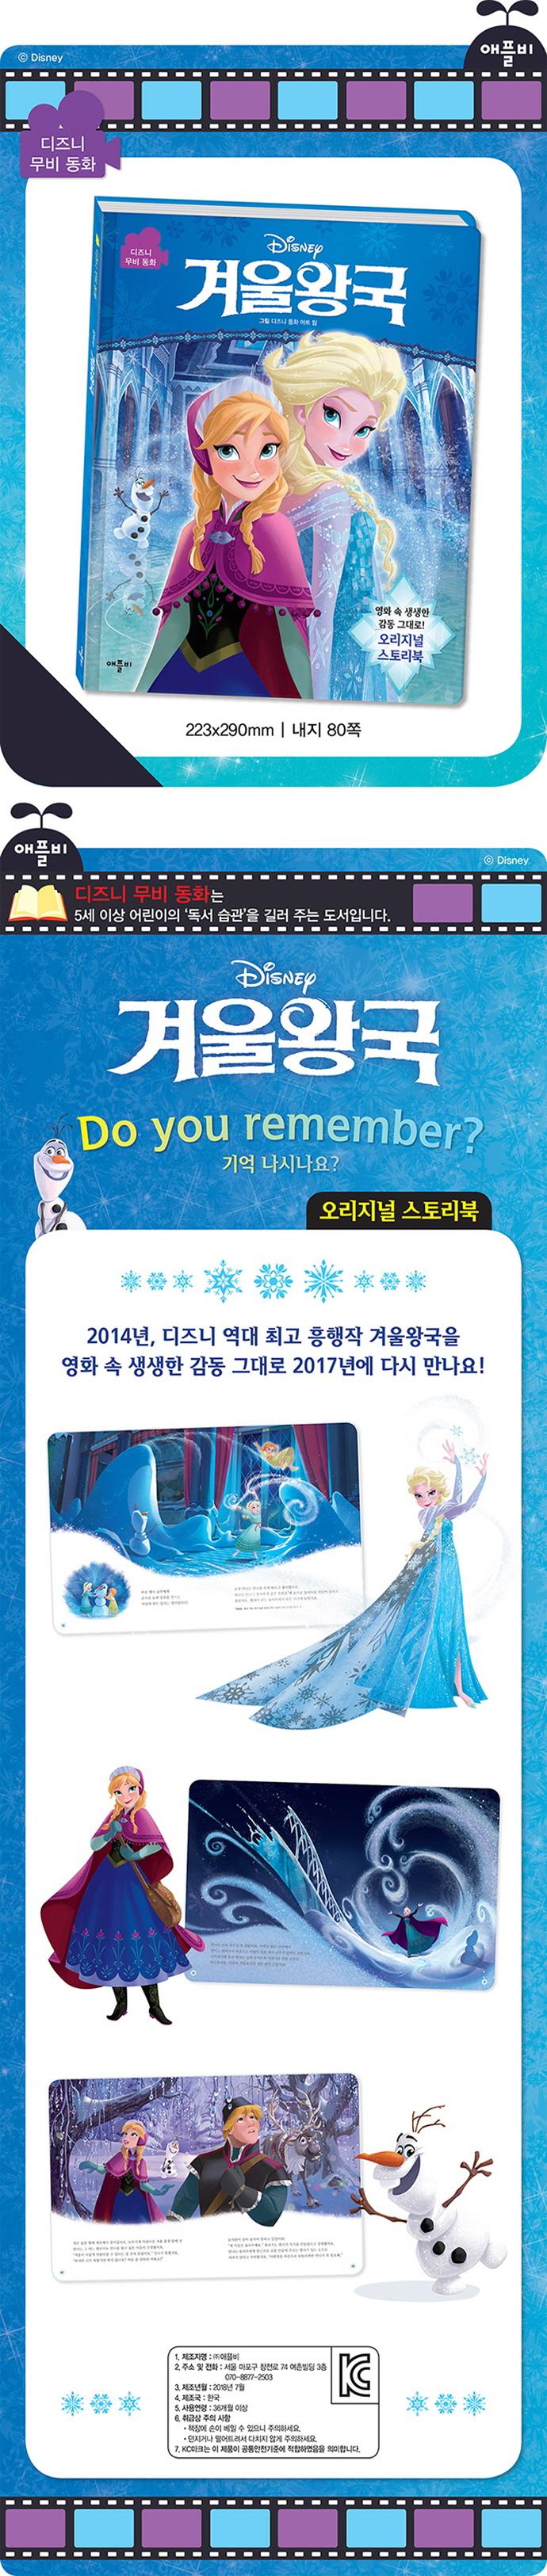 겨울왕국(디즈니 무비 동화)(양장본 HardCover) 도서 상세이미지